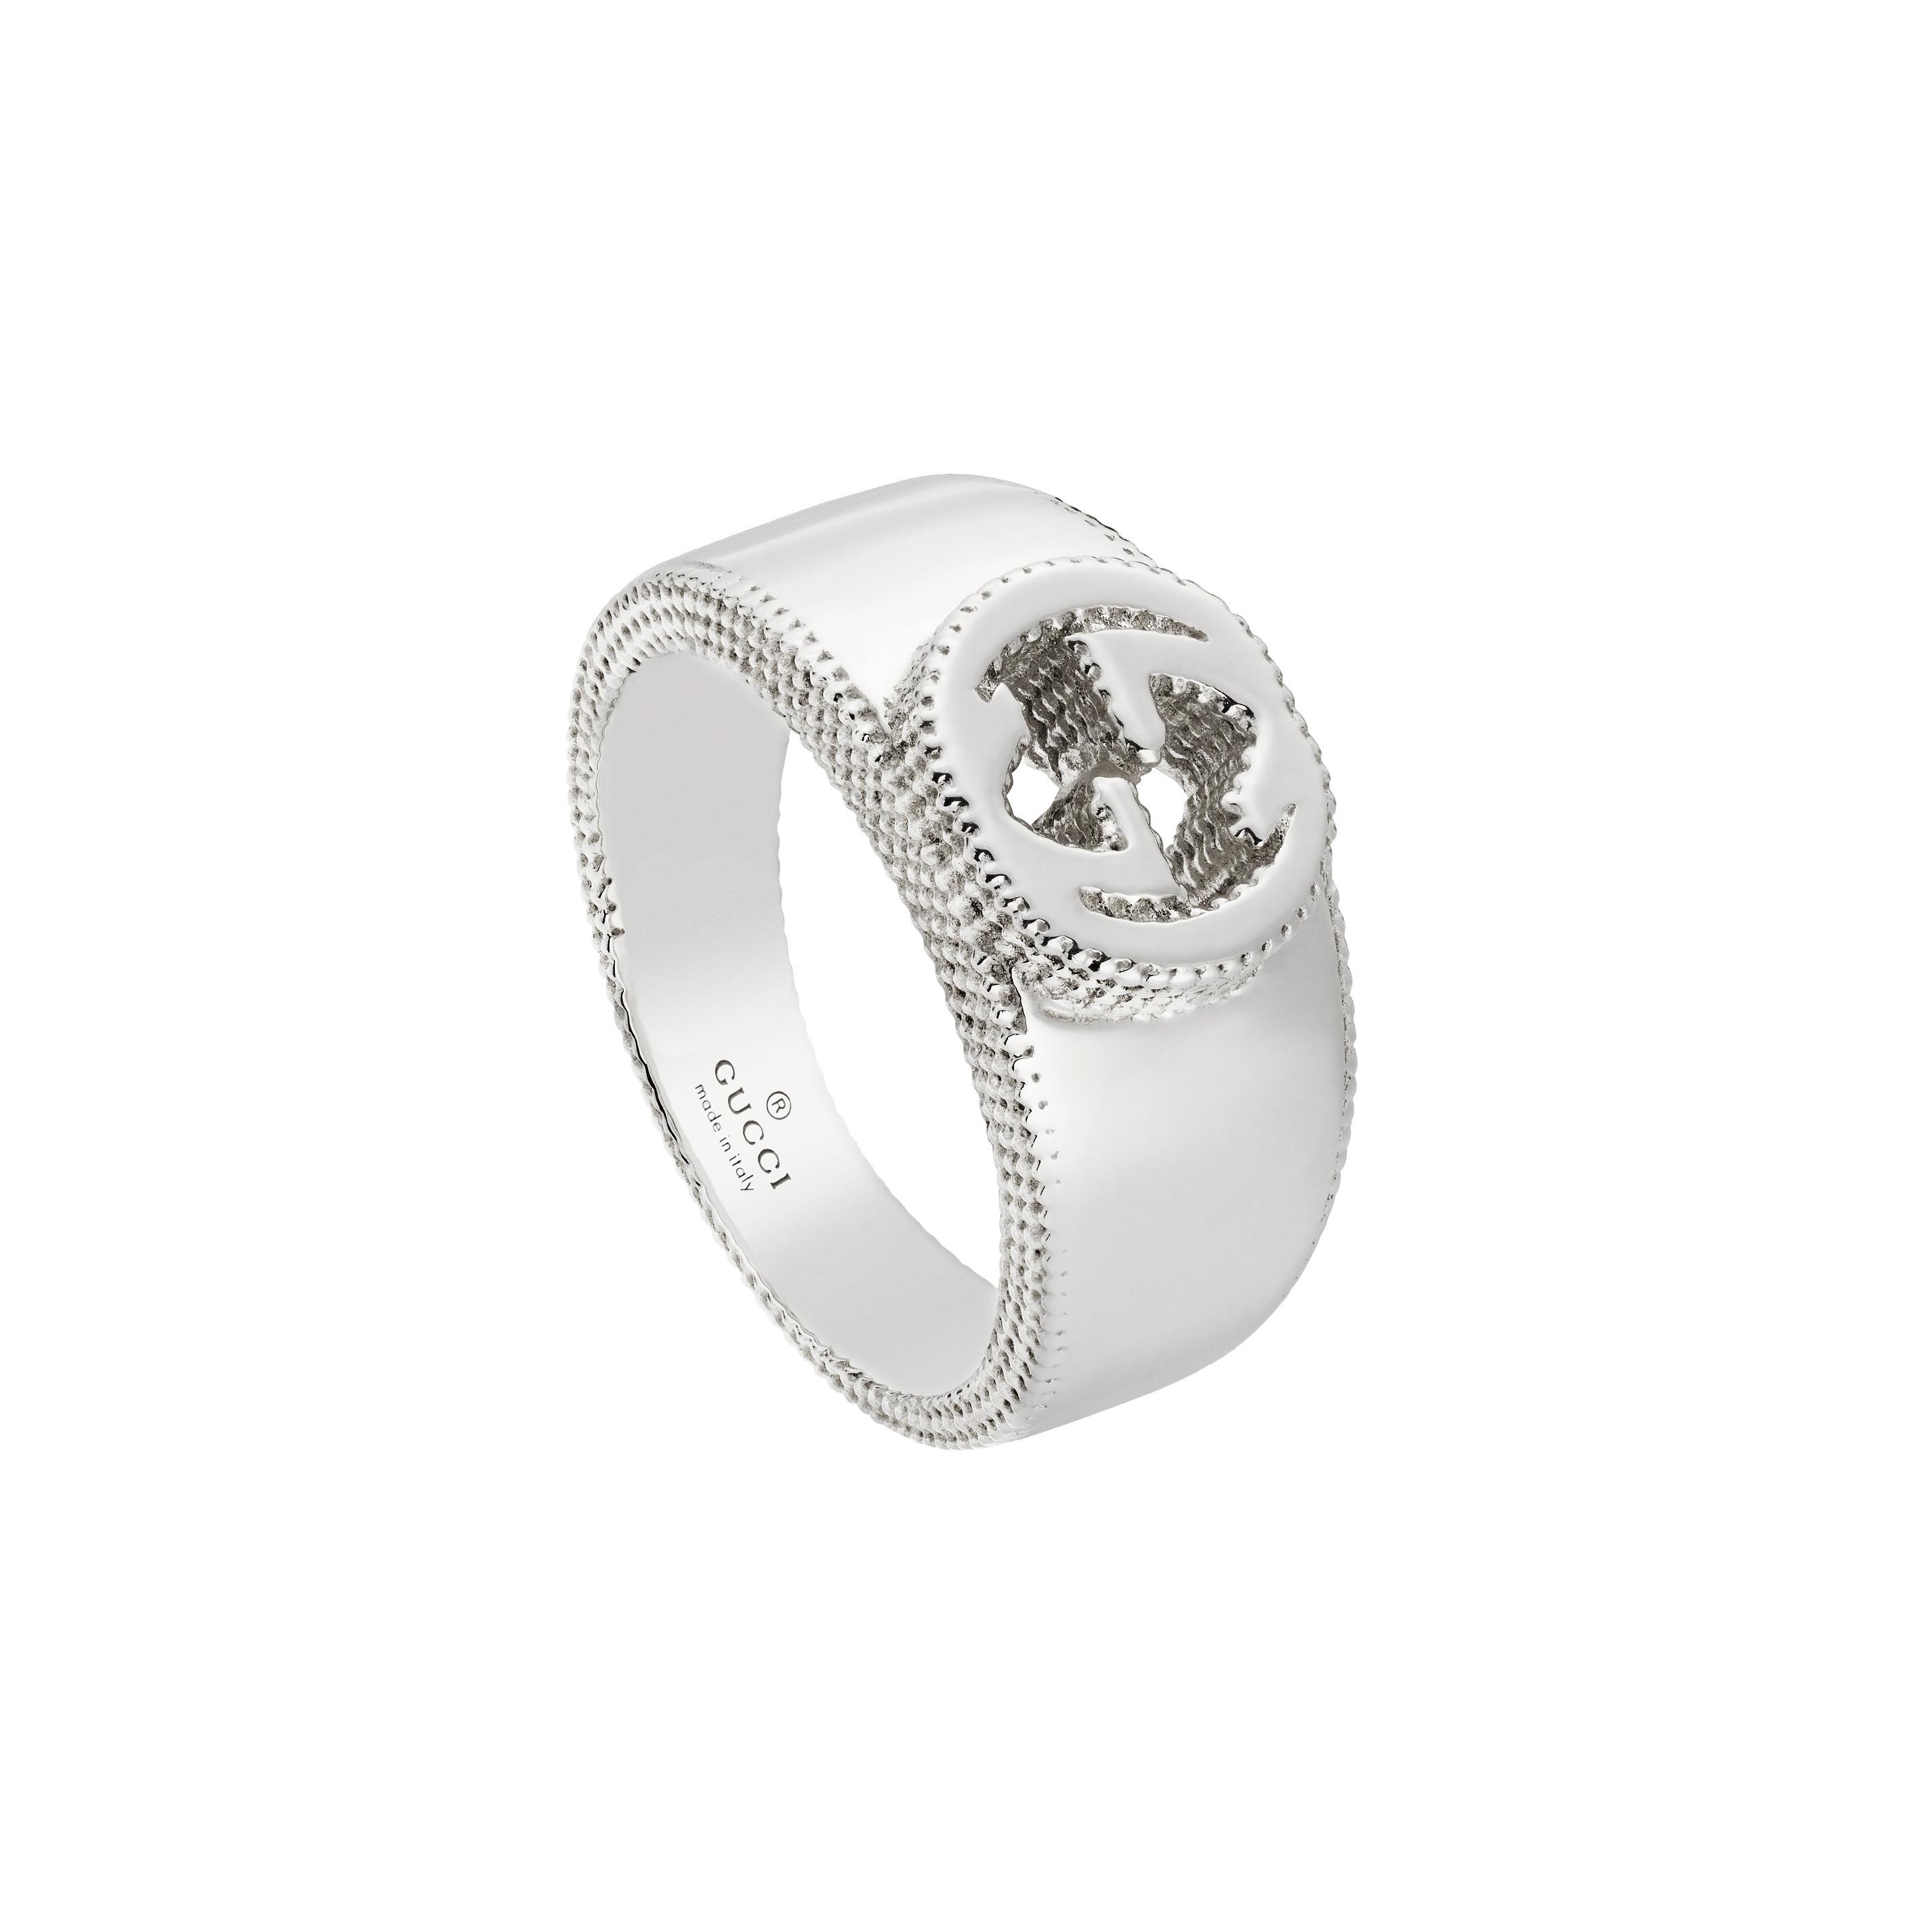 f15d5a6099 Home / Gioielli / Anelli / Gucci anello Interlocking GG in argento ...